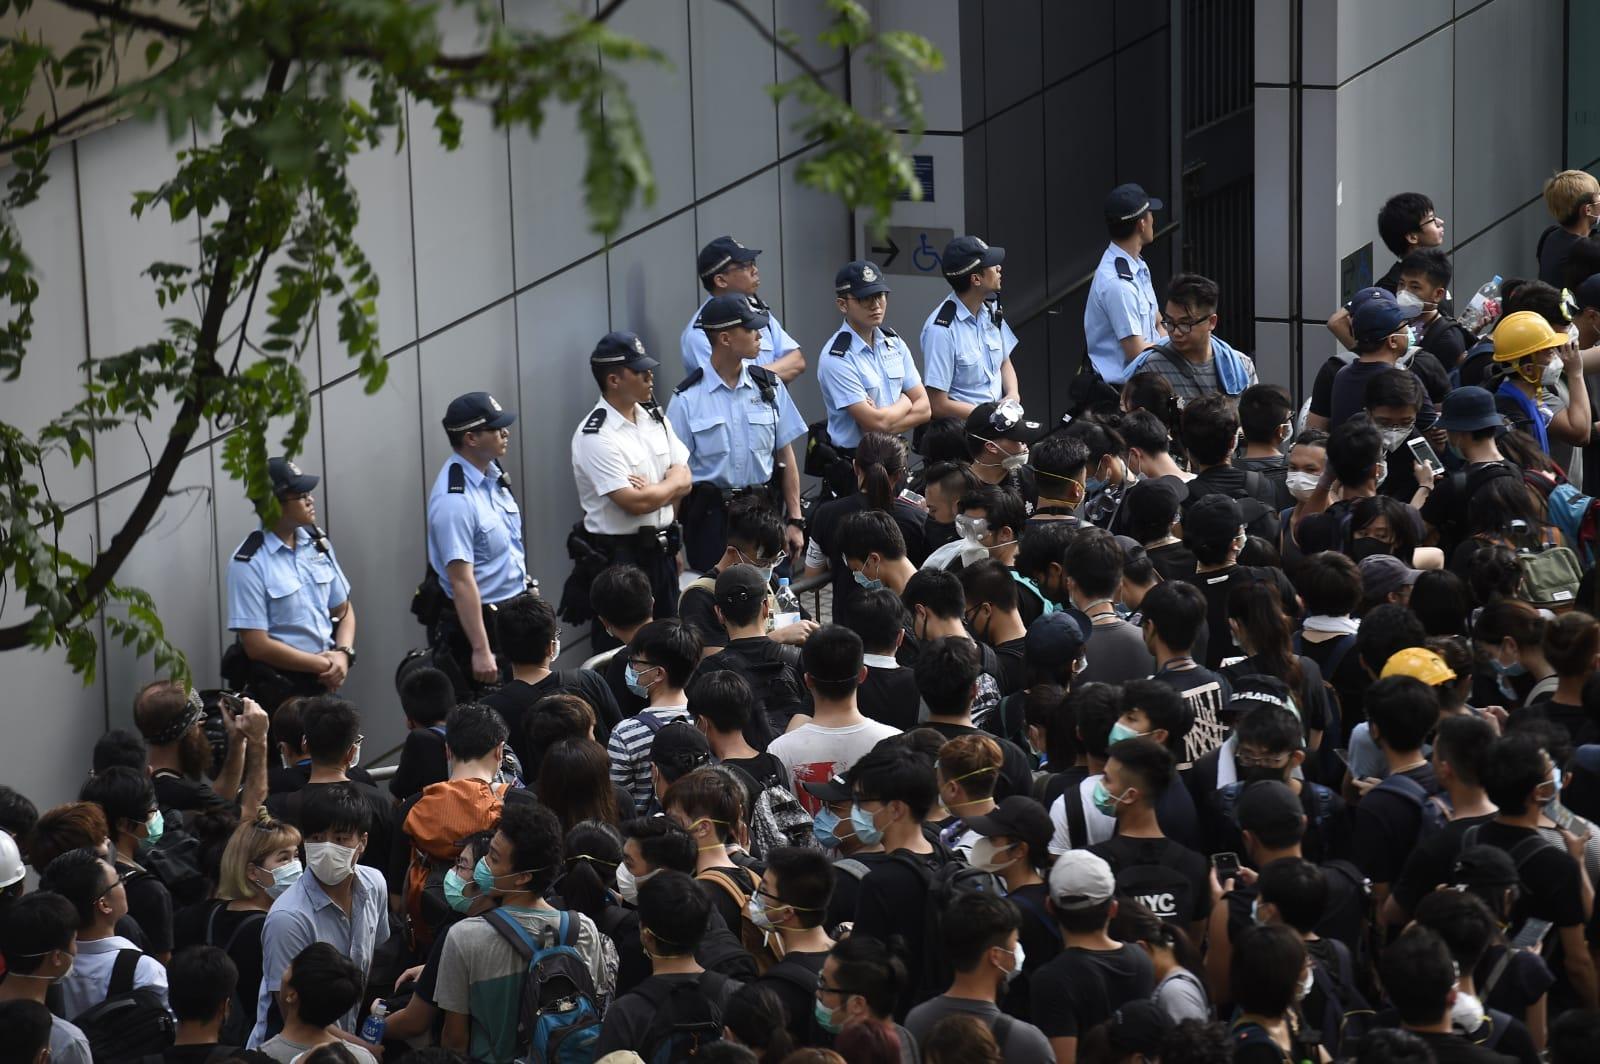 大批示威者上周五包圍灣仔警察總部。資料圖片